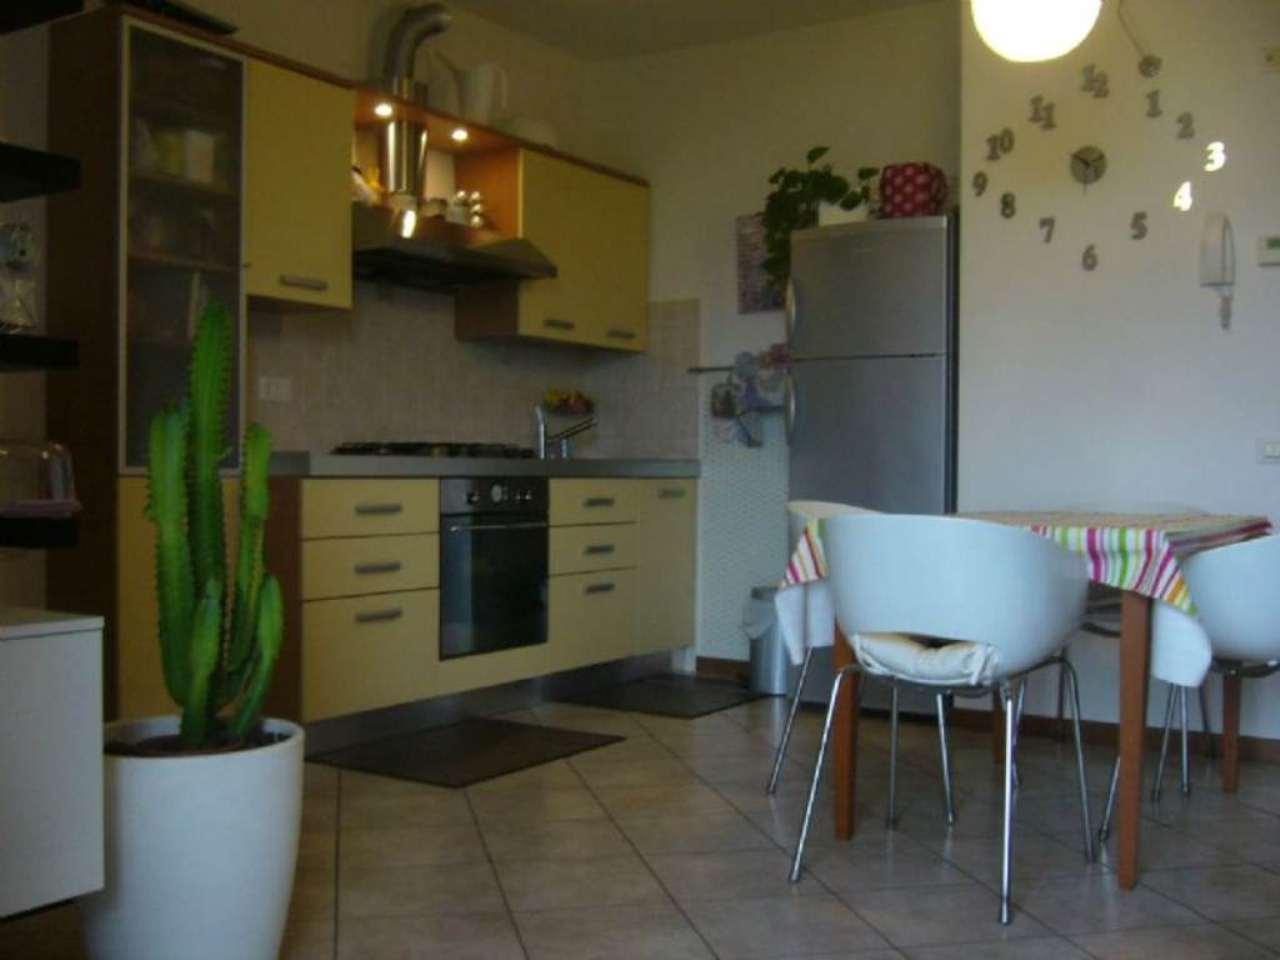 Appartamento in vendita a Albano Sant'Alessandro, 2 locali, prezzo € 102.000 | CambioCasa.it